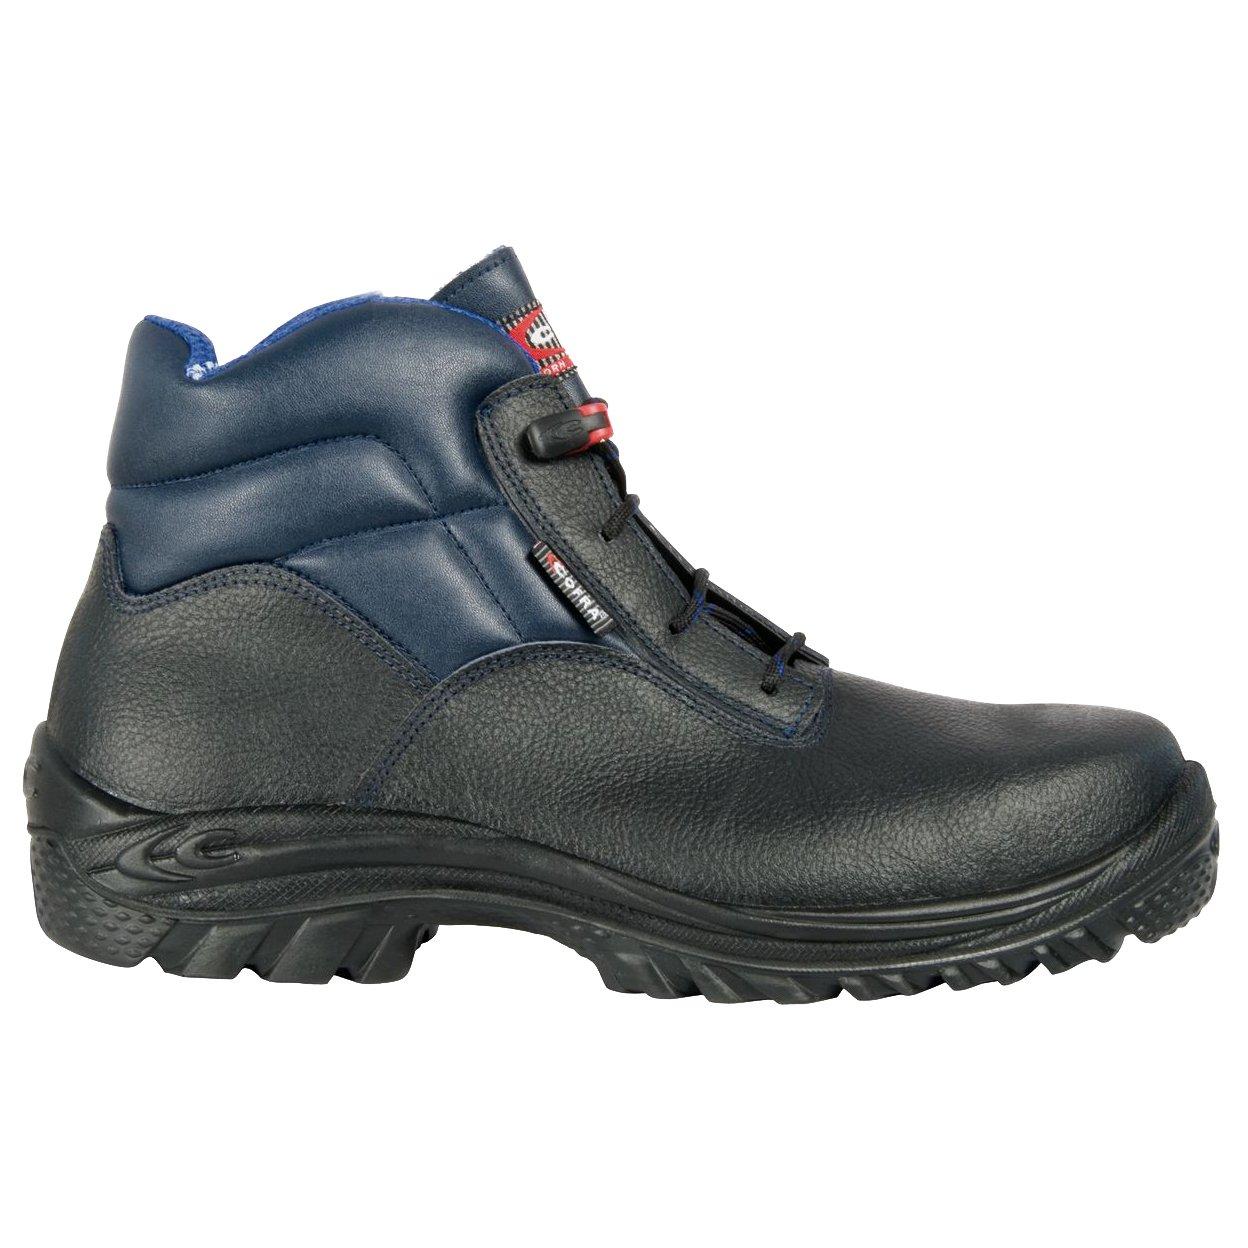 Cofra Trieste S3 SRC - zapatos de seguridad talla 36 NEGRO: Amazon.es: Bricolaje y herramientas